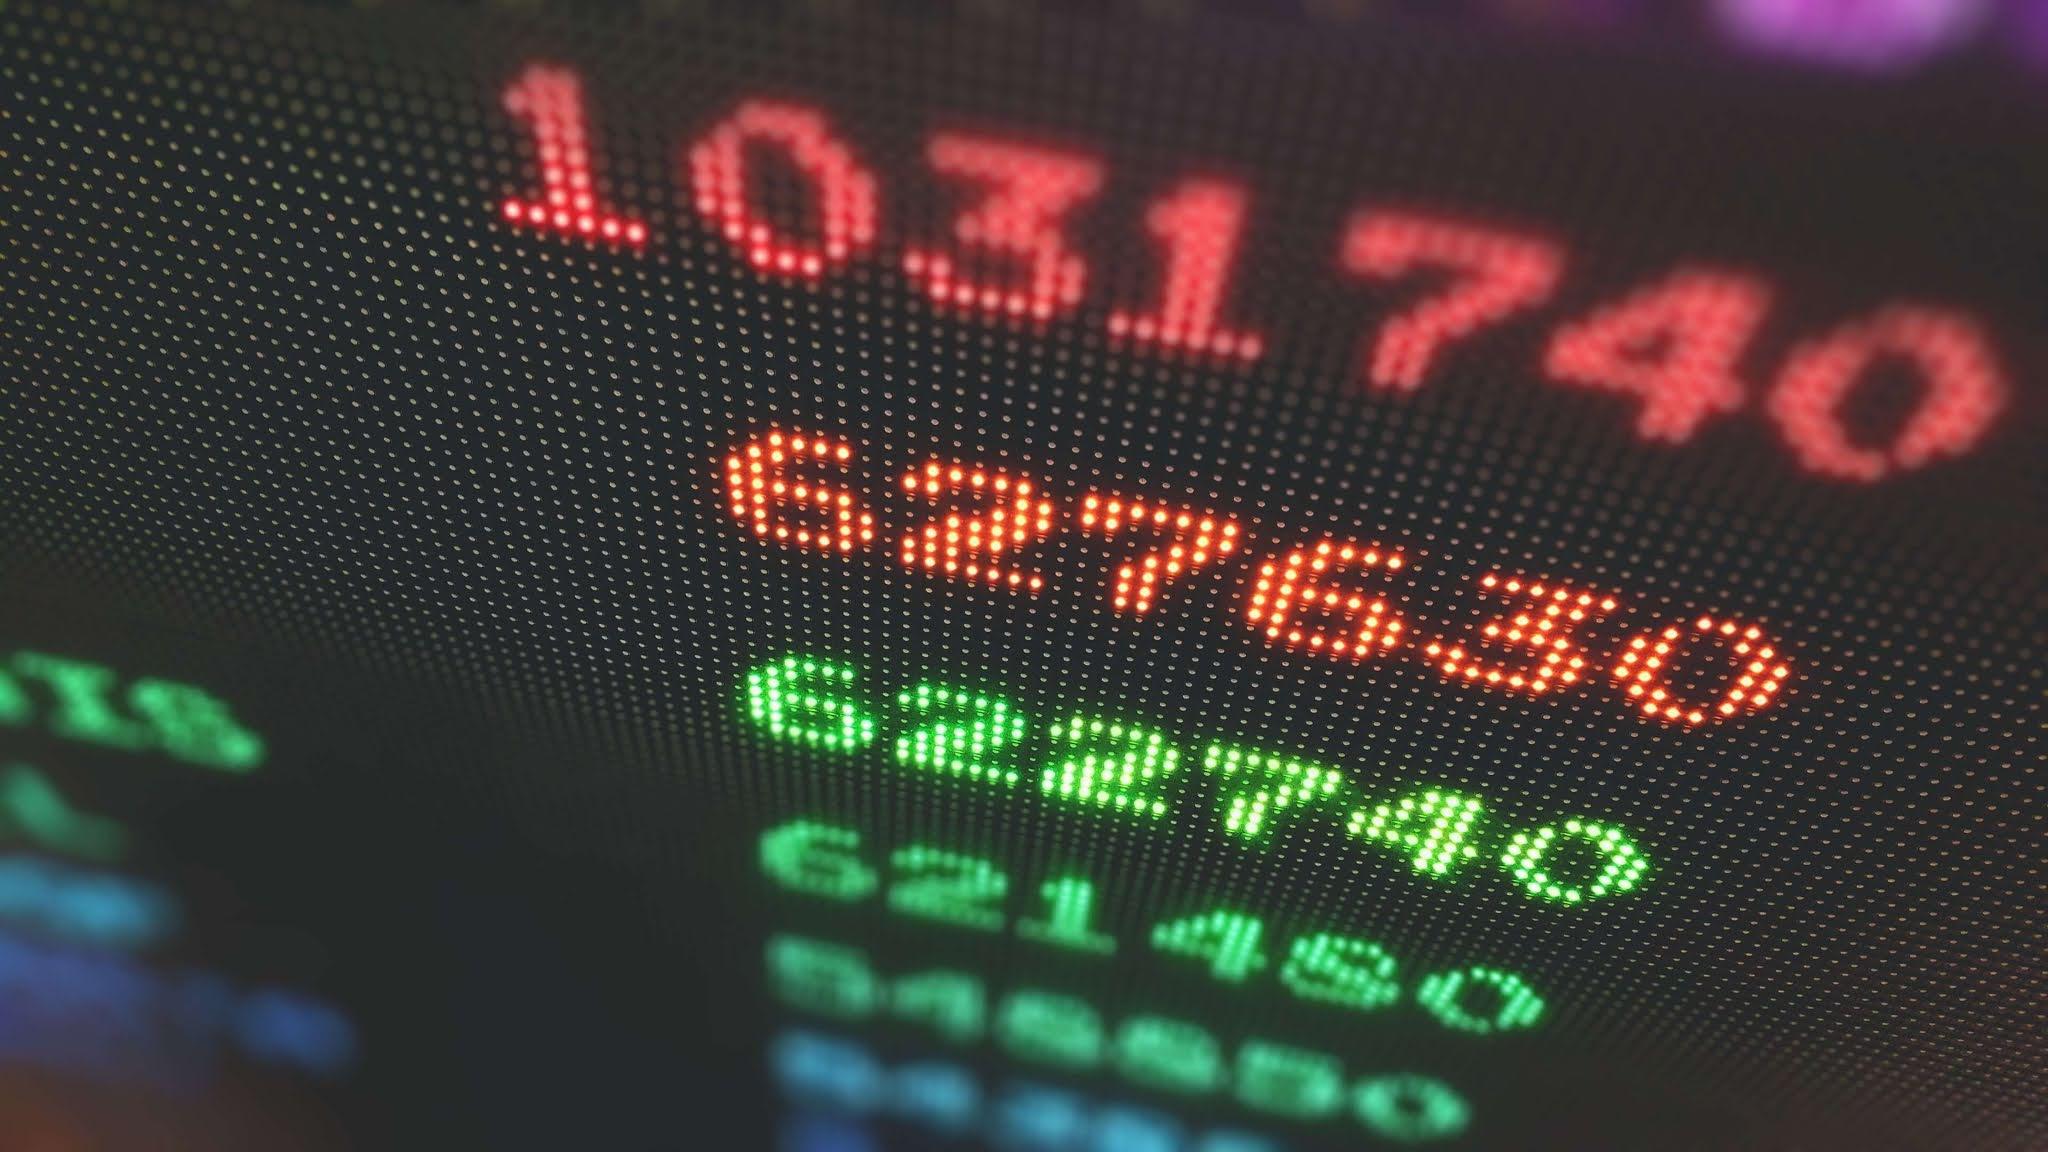 Bagi anda para trader pemula, atau remaja yang ingin memulai investasi saham jangka panjang, maka anda harus memilah saham dengan kriteria tertentu. Investasi jangka panjang adalah investasi yang lama, namun profit yang dijanjikan pun sepadan.